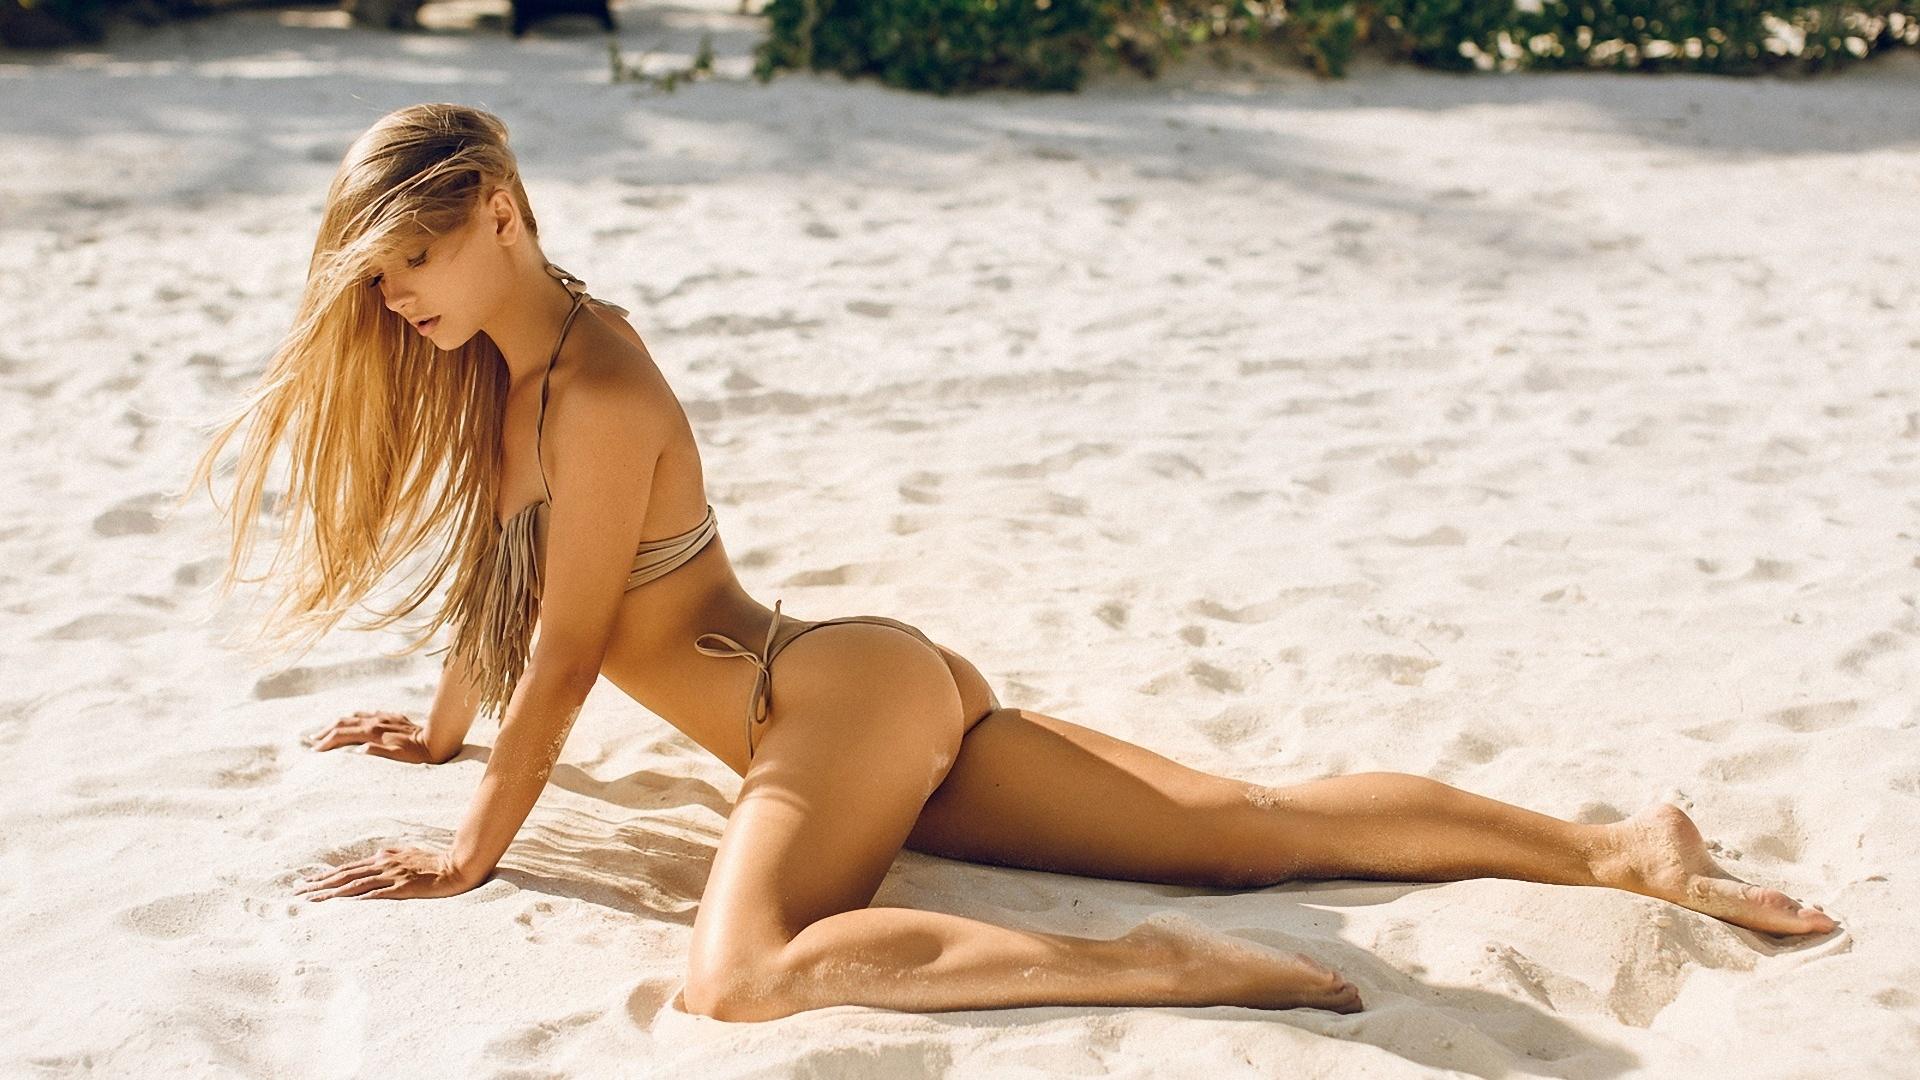 Фото голых загорелых, Фото голых загорелых женщин - Частное порно фото 21 фотография